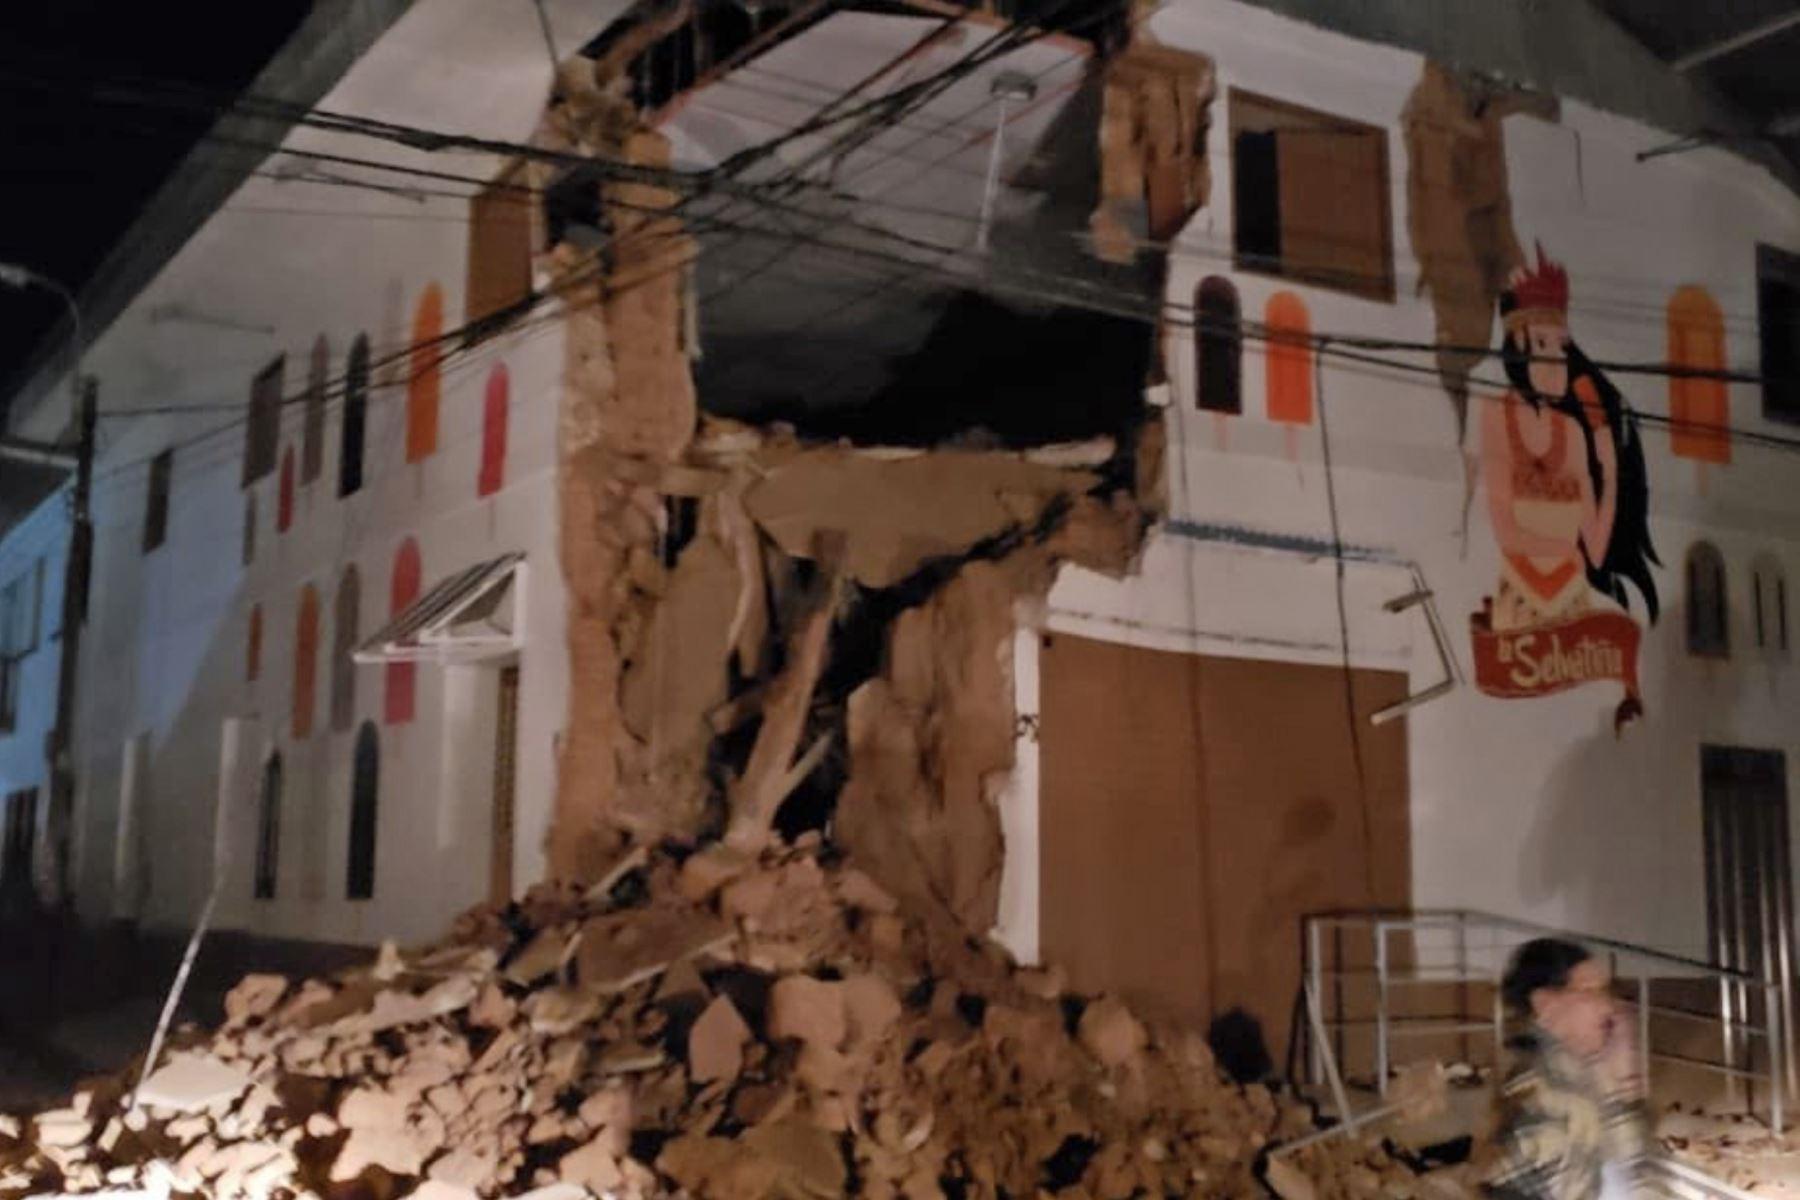 Prorrogan el estado de emergencia en Loreto y otras regiones afectadas por sismo de magnitud 8.0. Twitter